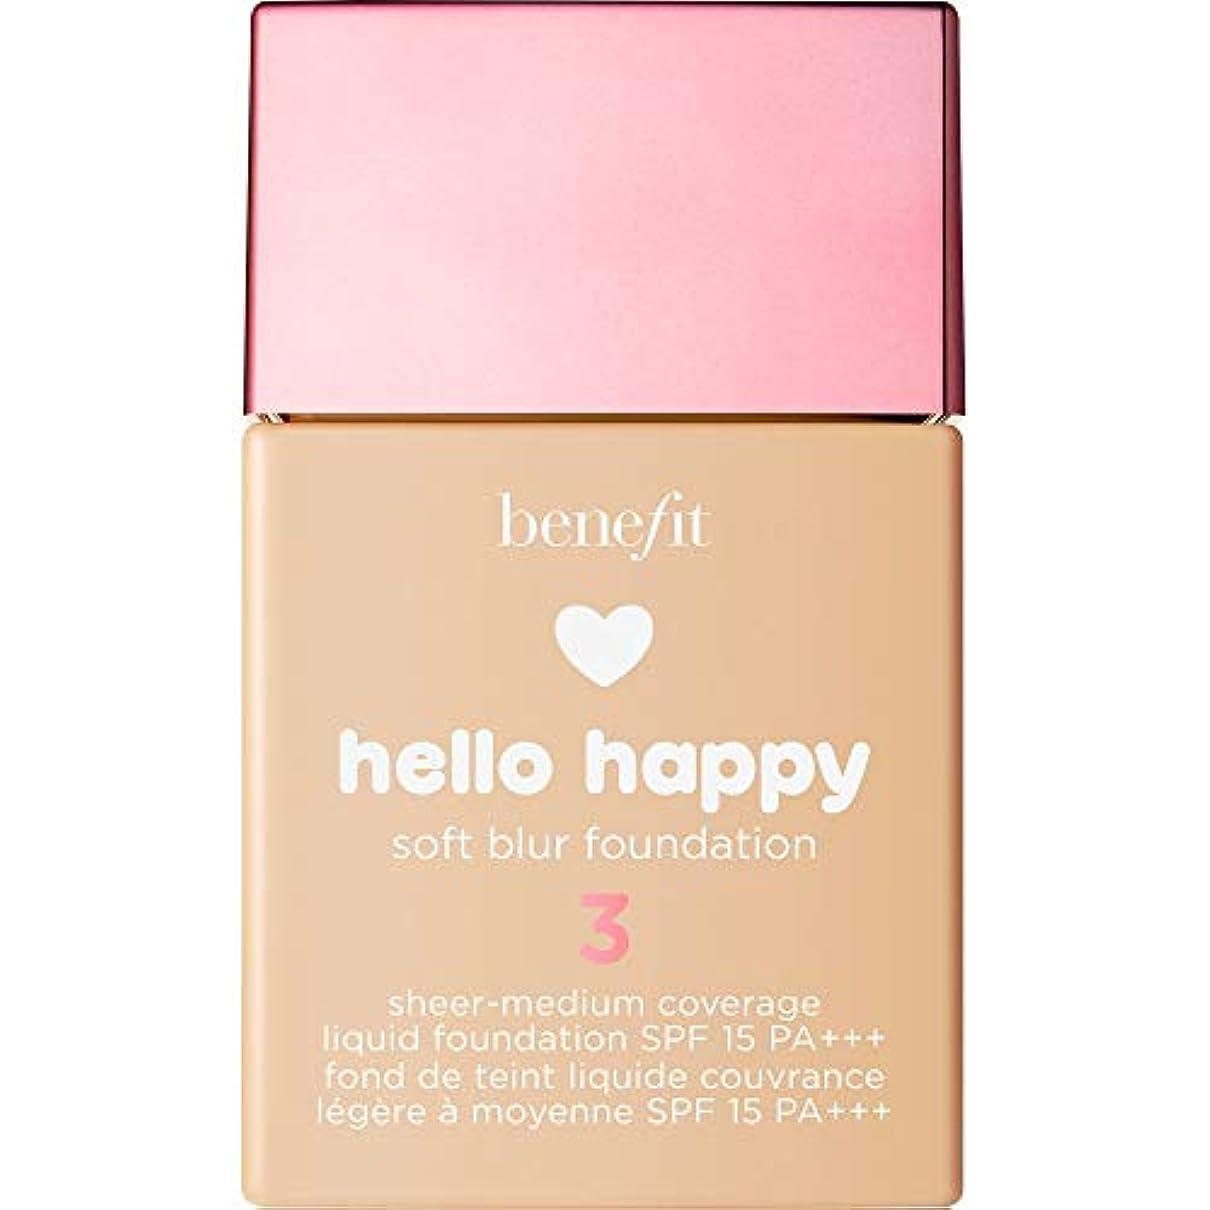 [Benefit ] 利益こんにちは幸せなソフトブラー基礎Spf15 30ミリリットル3 - ニュートラルライト - Benefit Hello Happy Soft Blur Foundation SPF15 30ml...